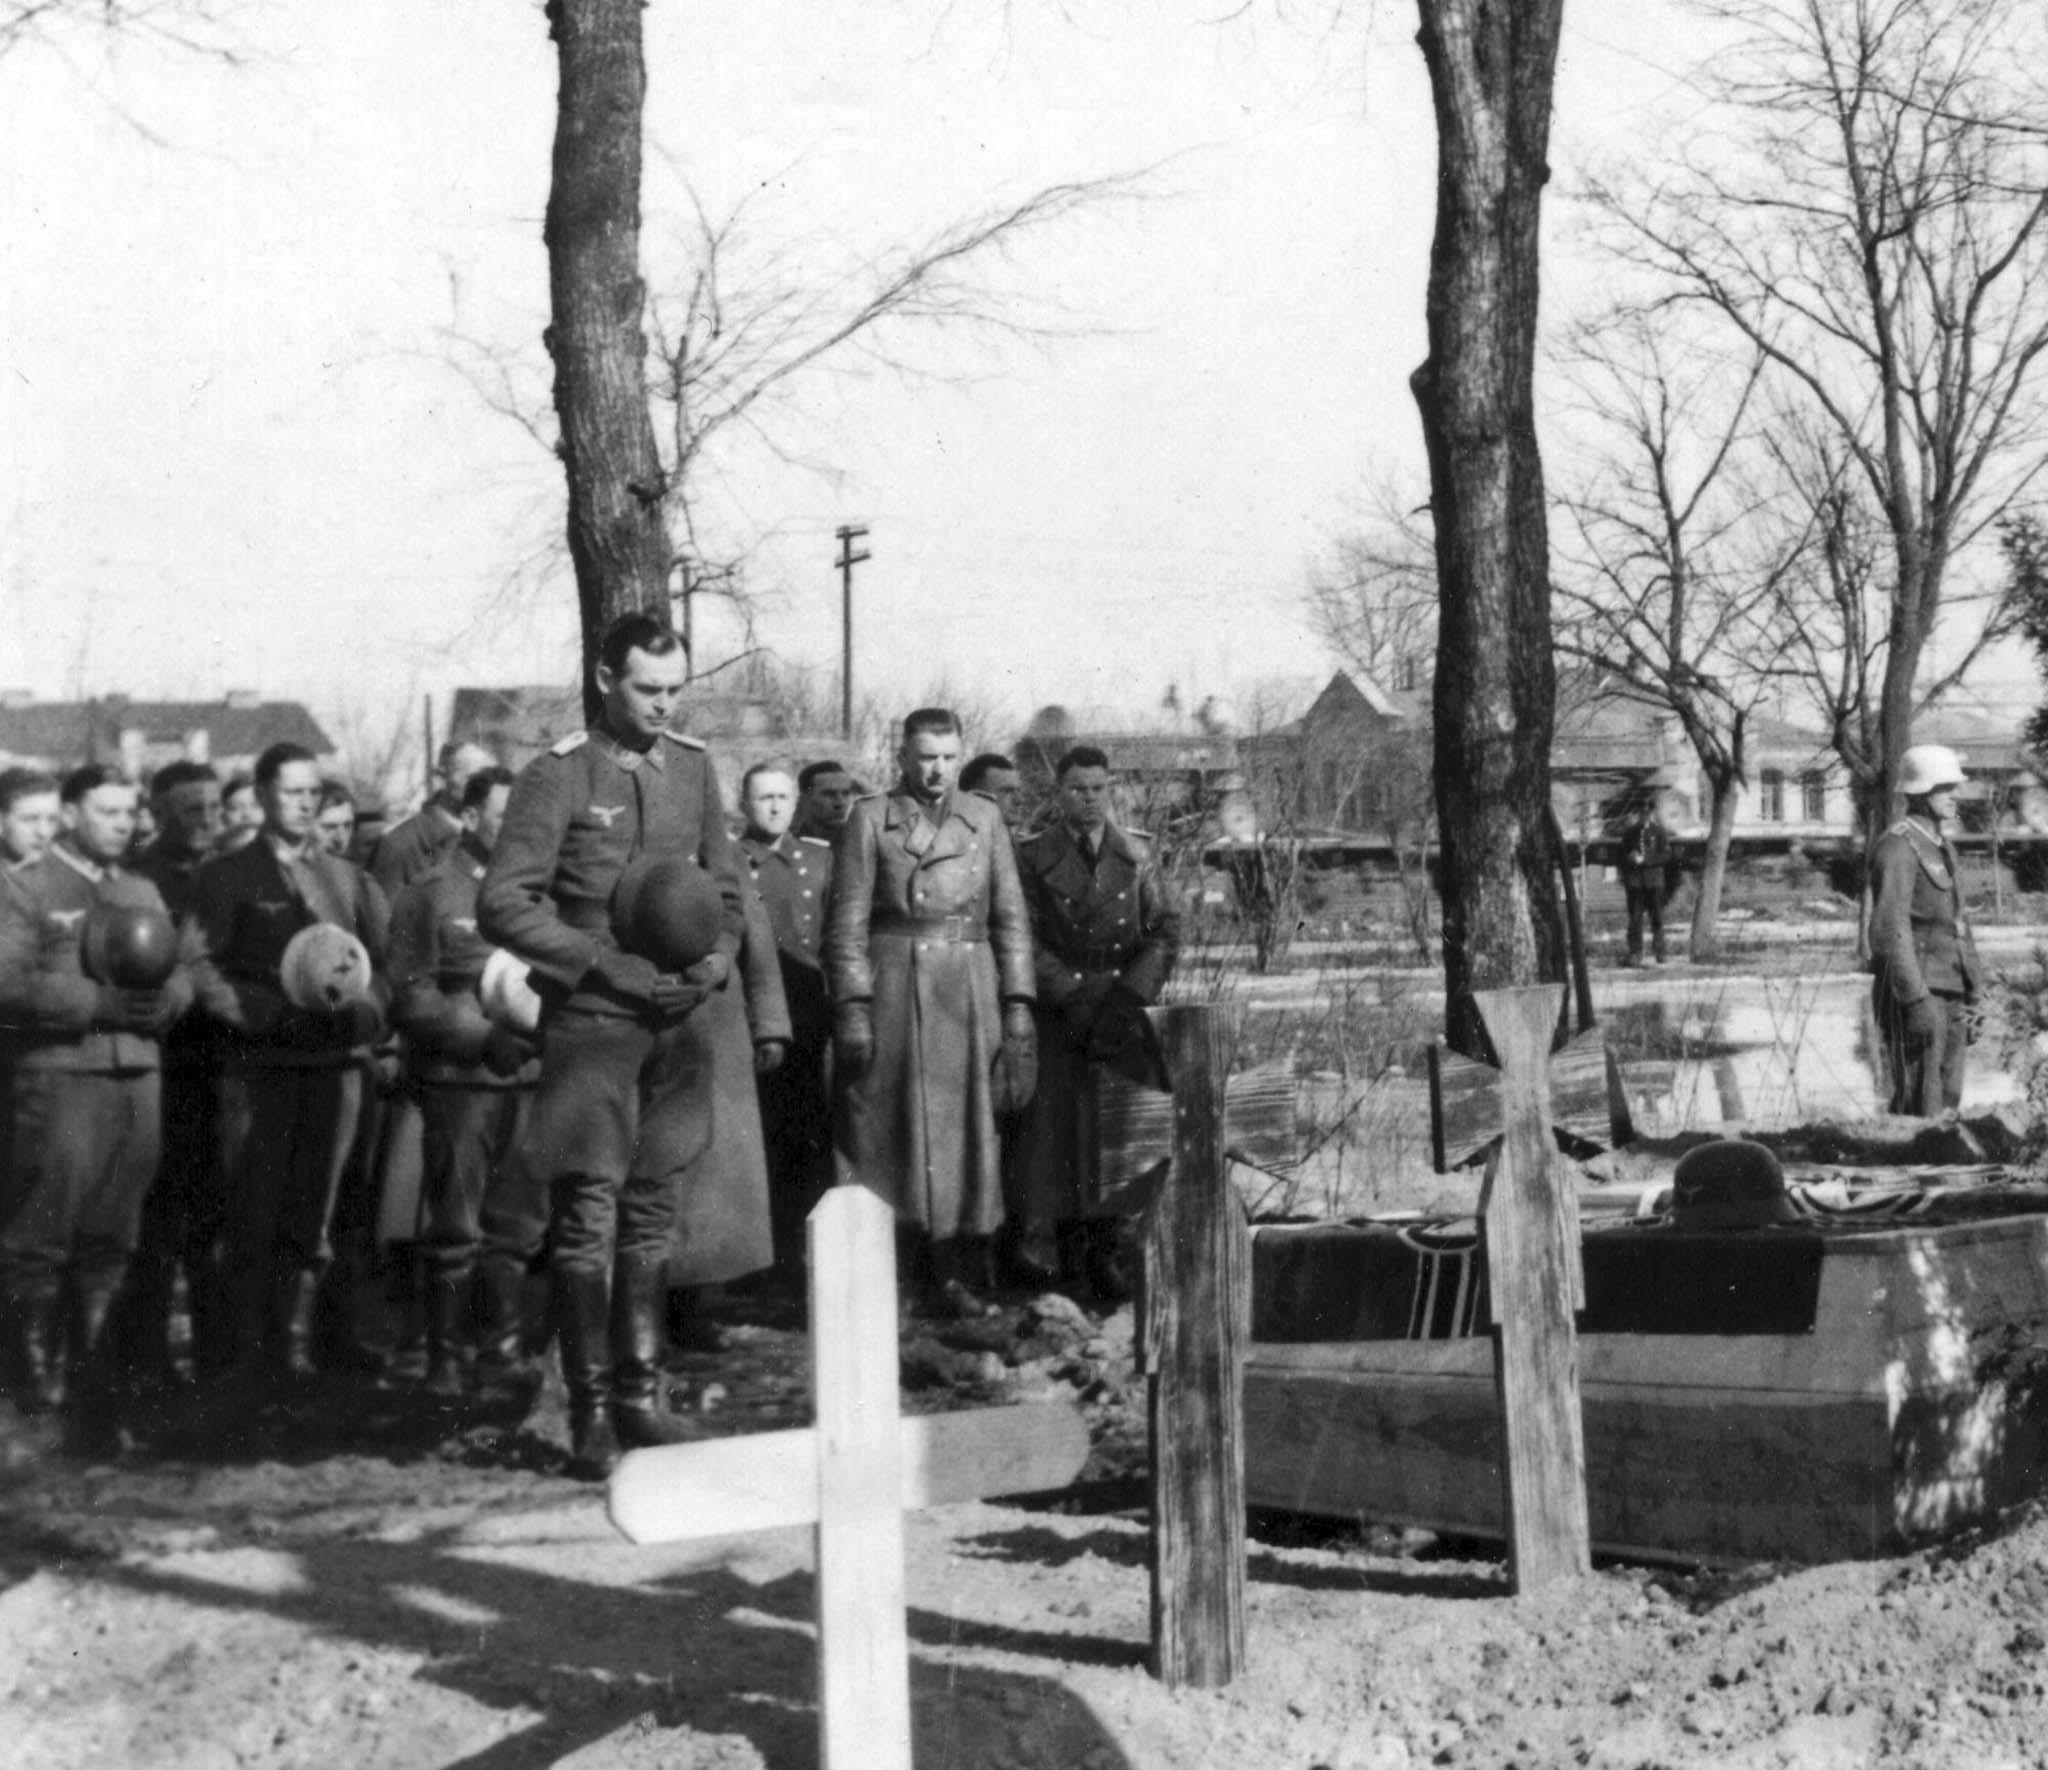 Luftwaffe soldiers